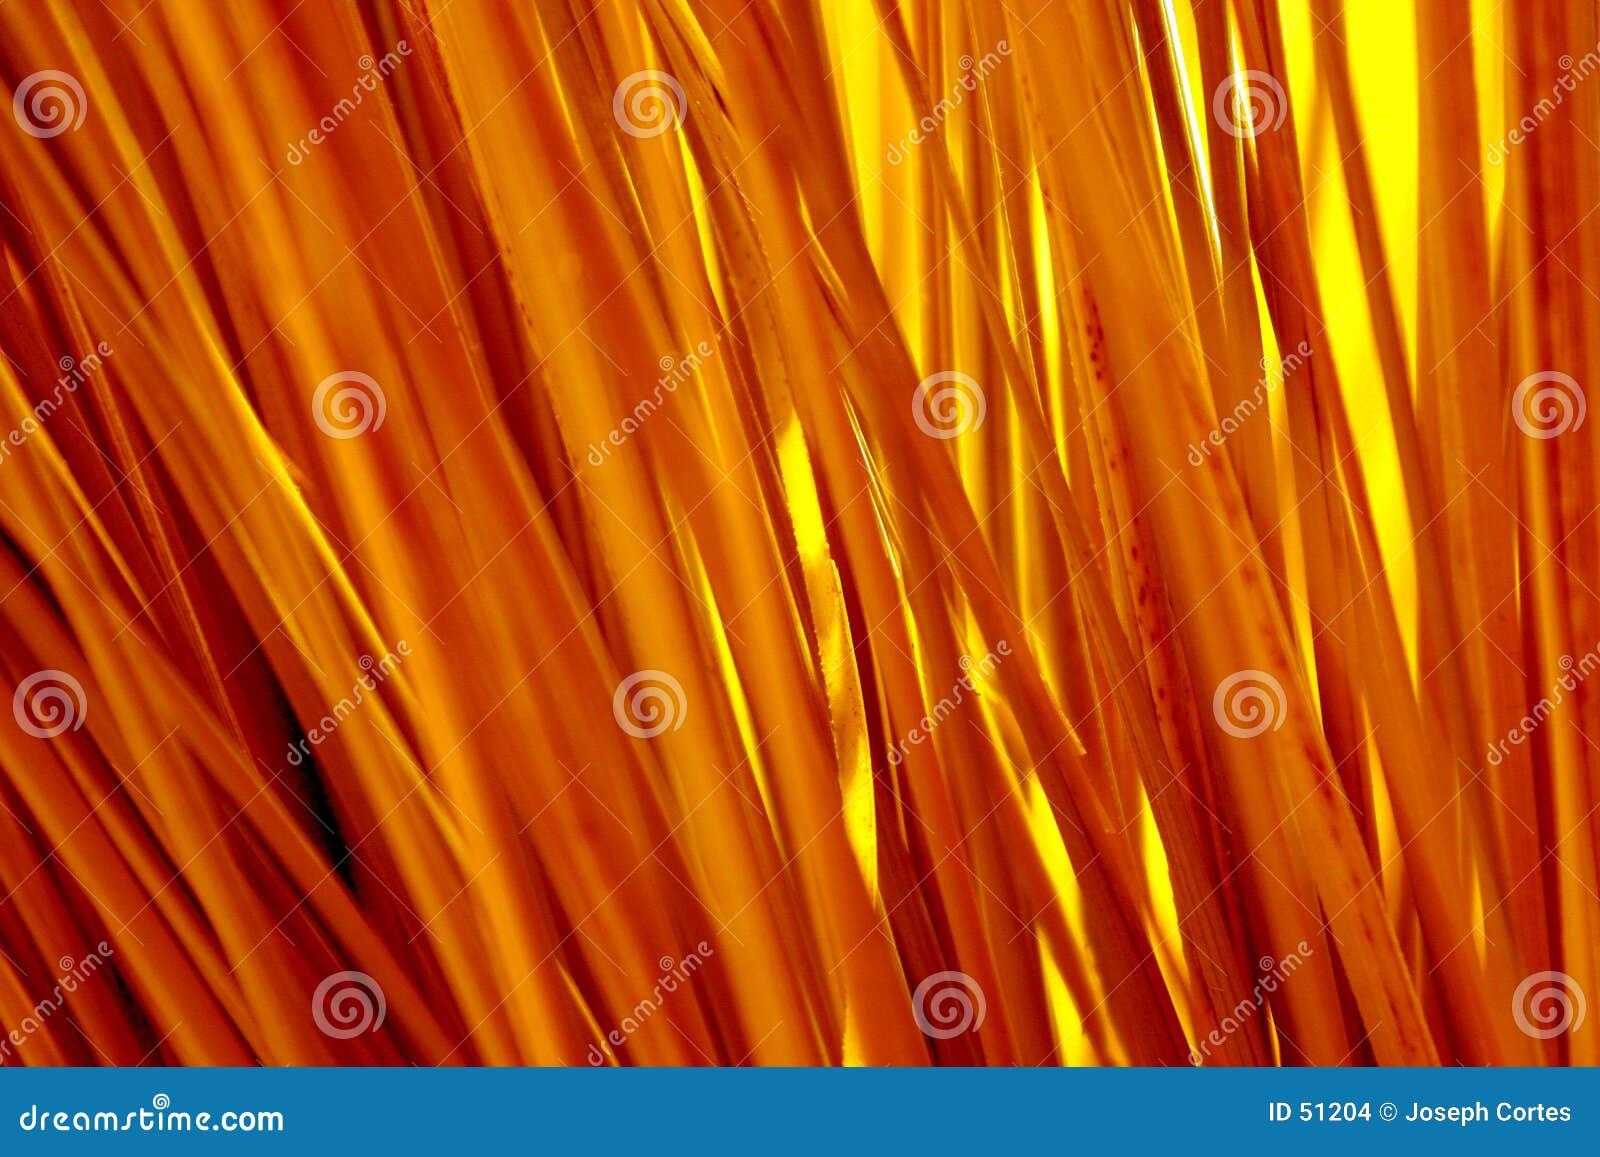 Palhas brilhantes do amarelo da cor